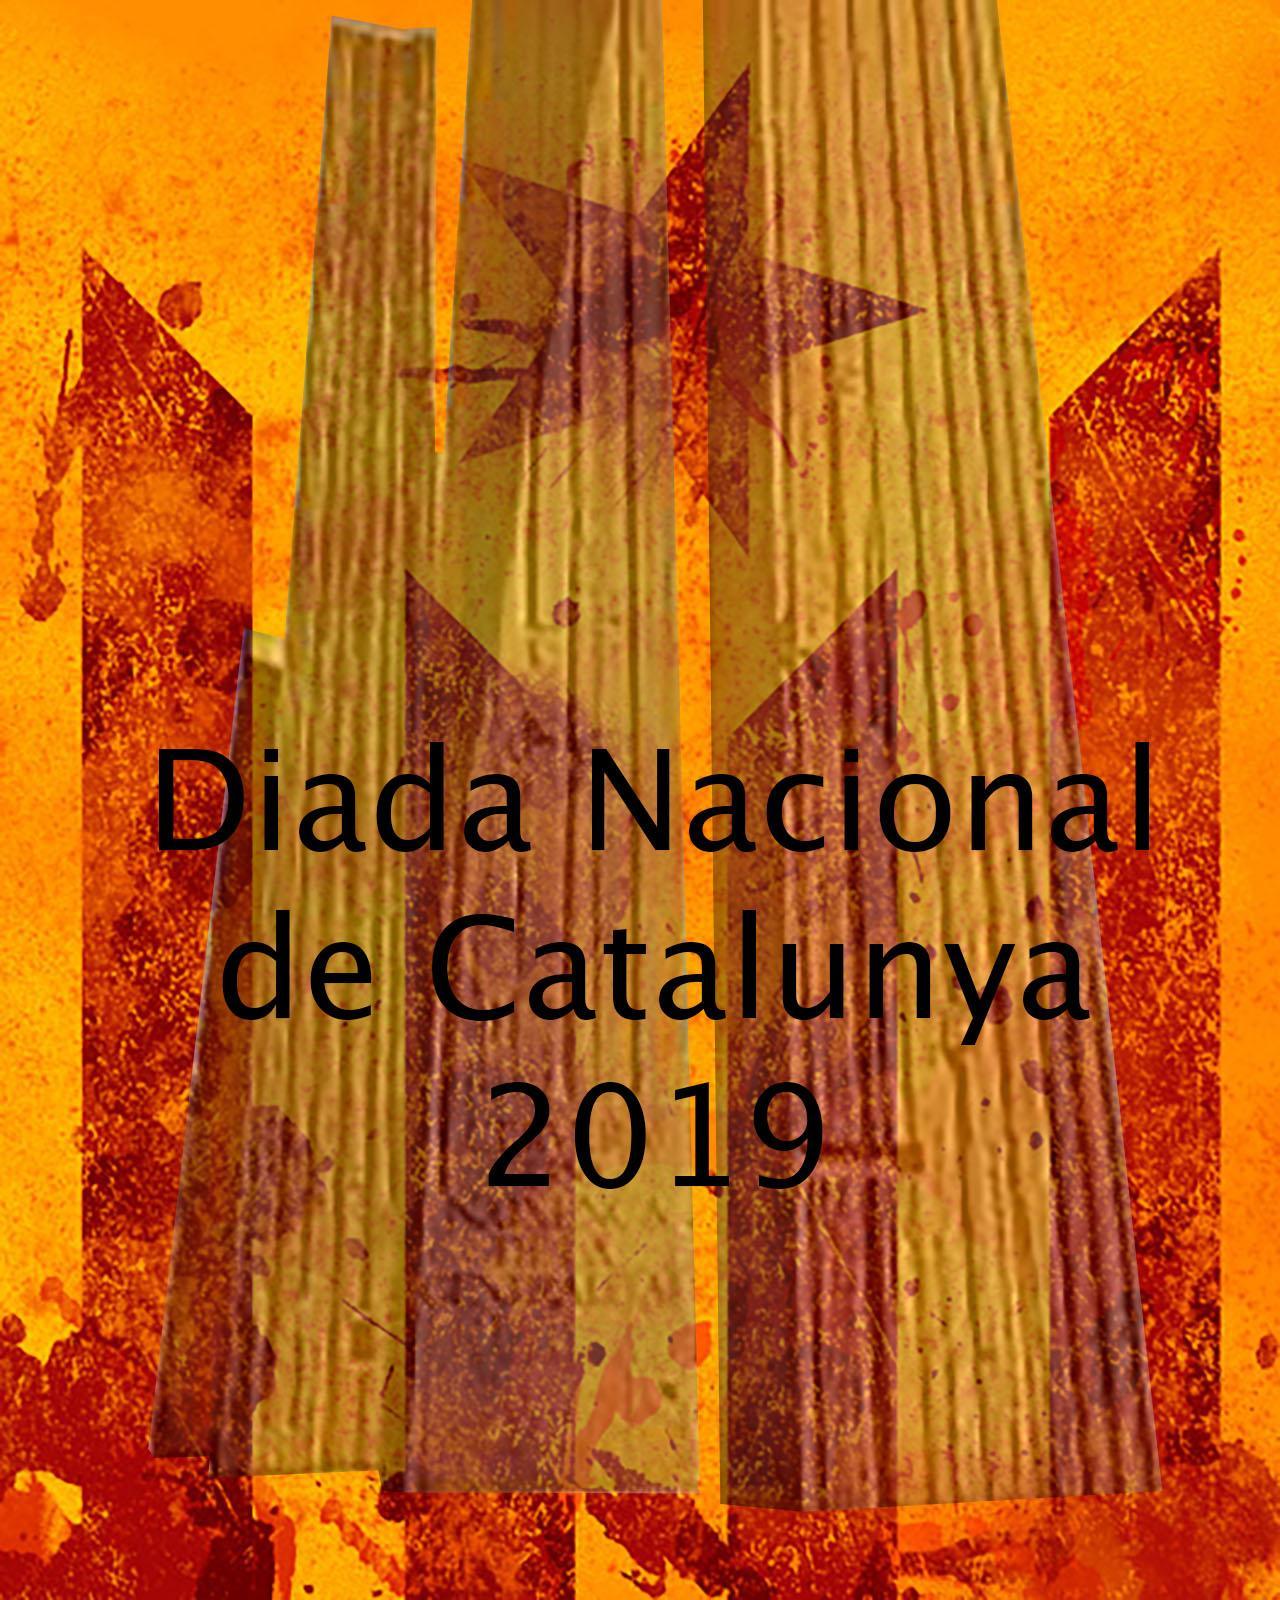 Actes commemoratius Diada Nacional de Catalunya a la Segarra